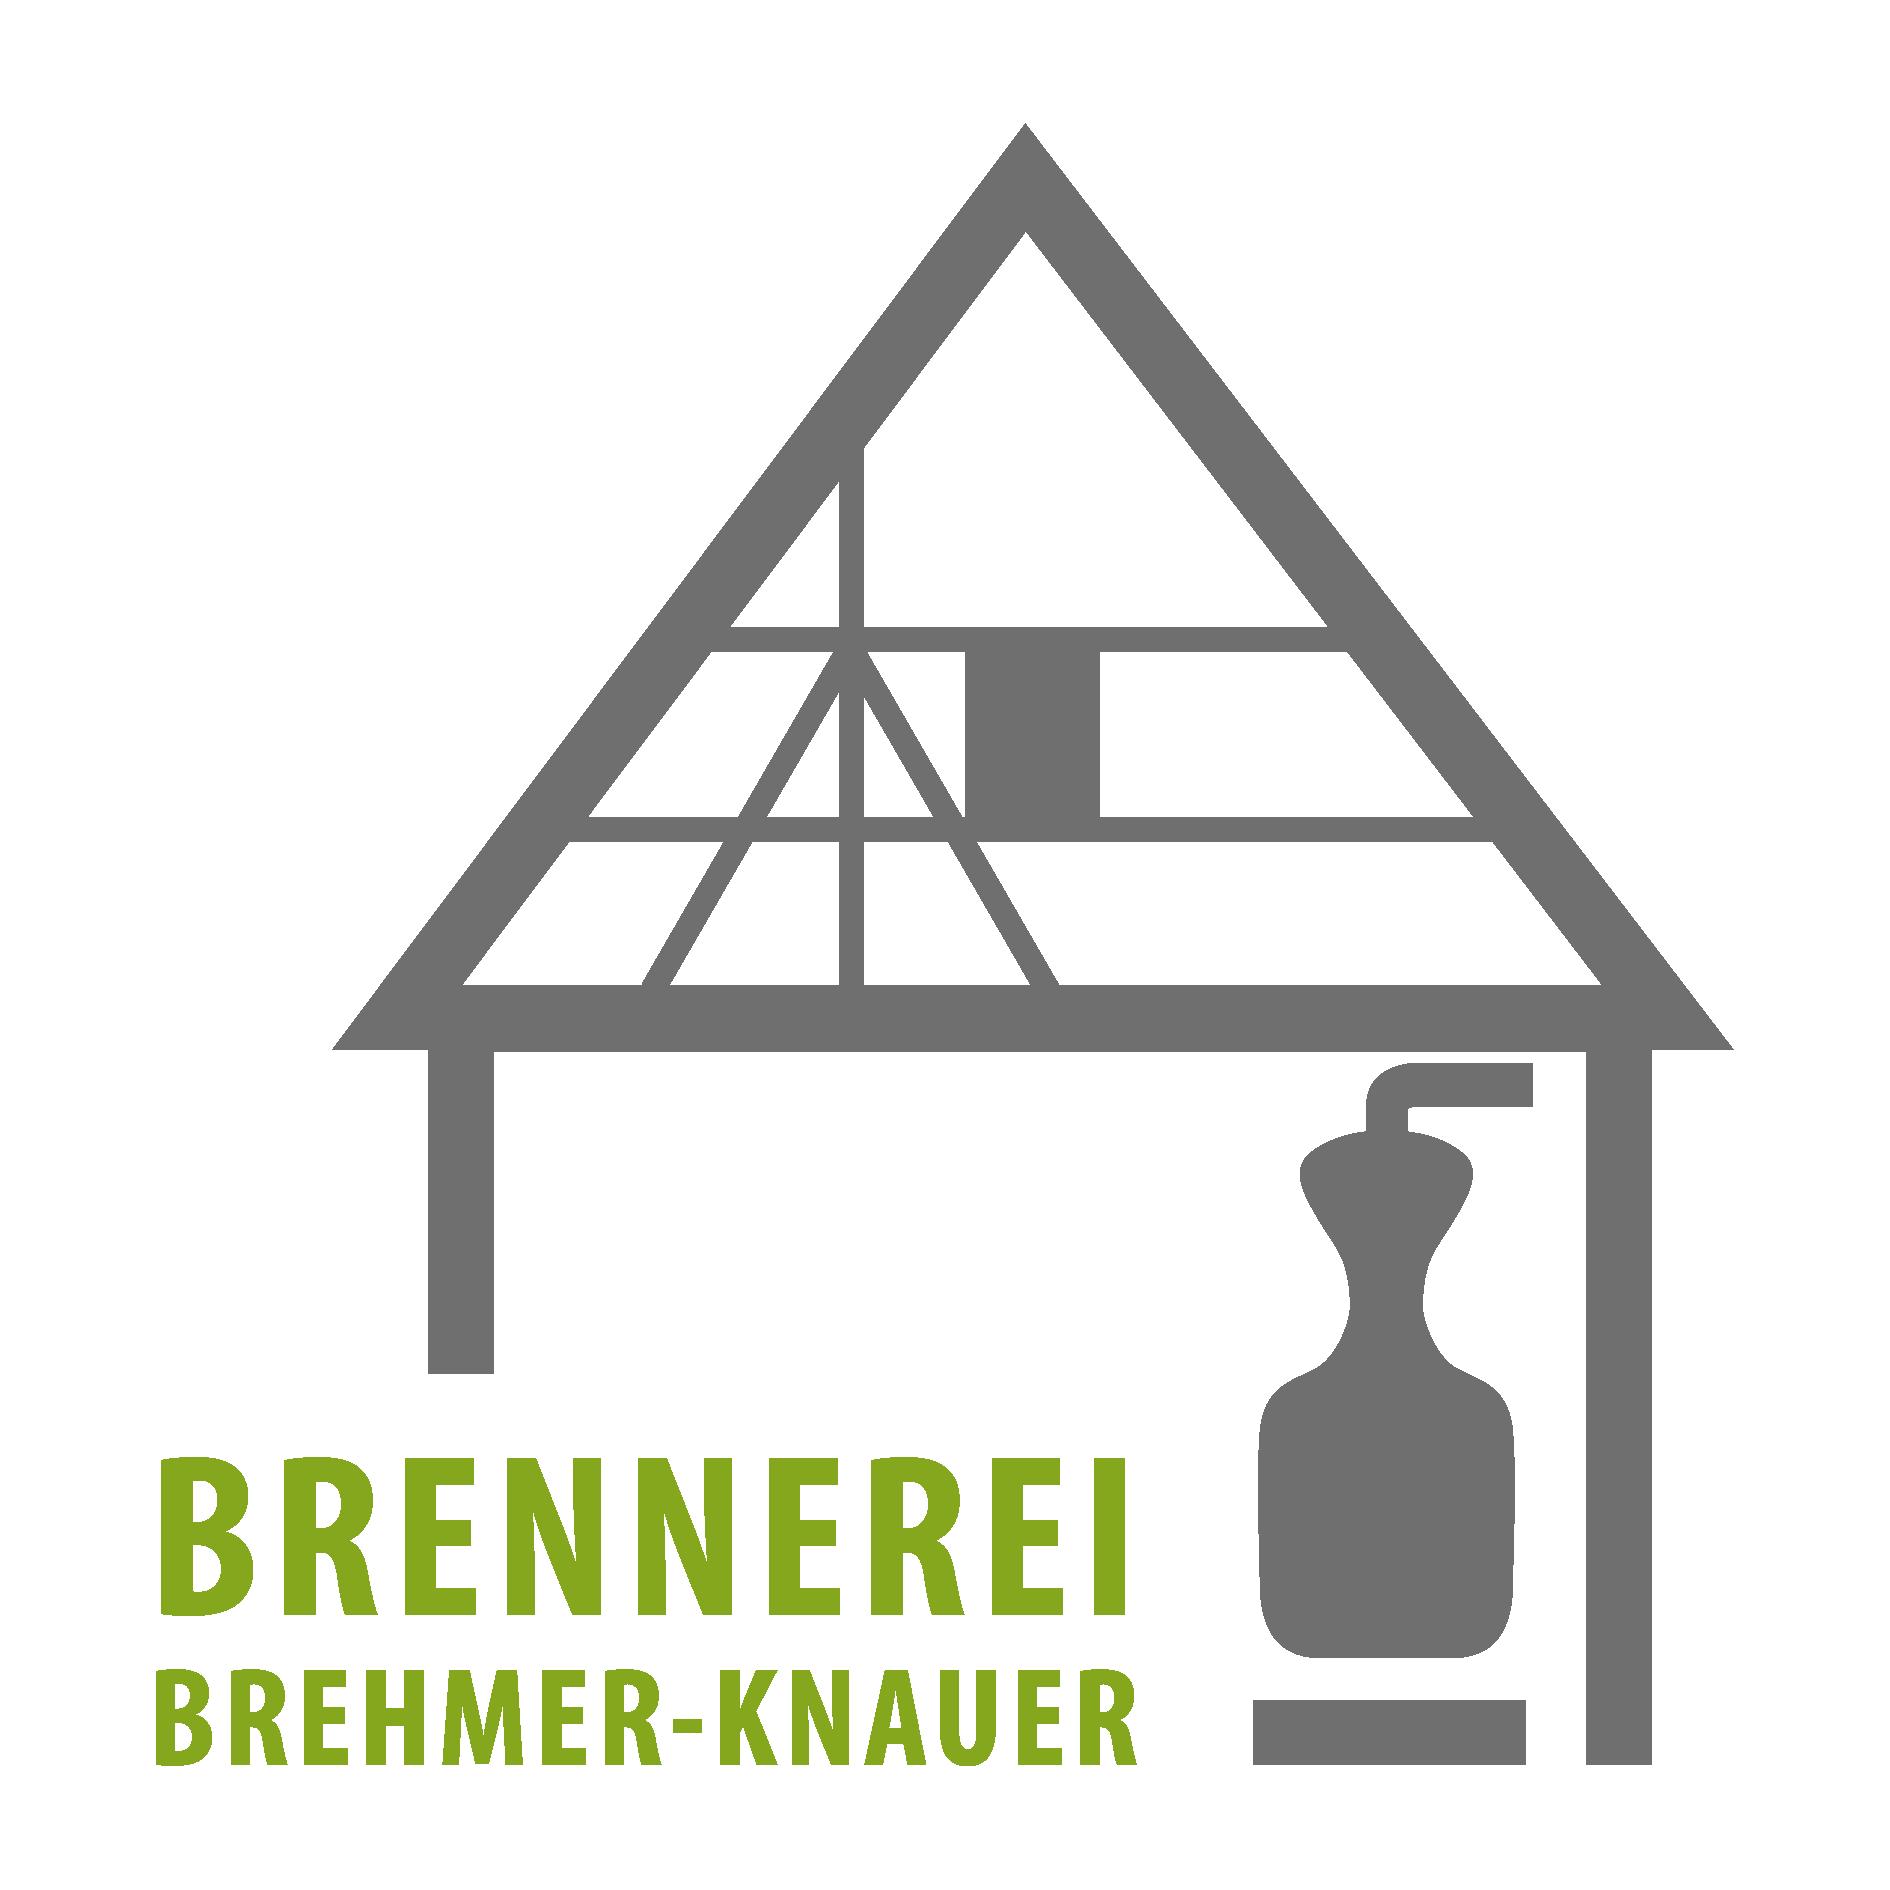 Brennerei Brehmer-Knauer